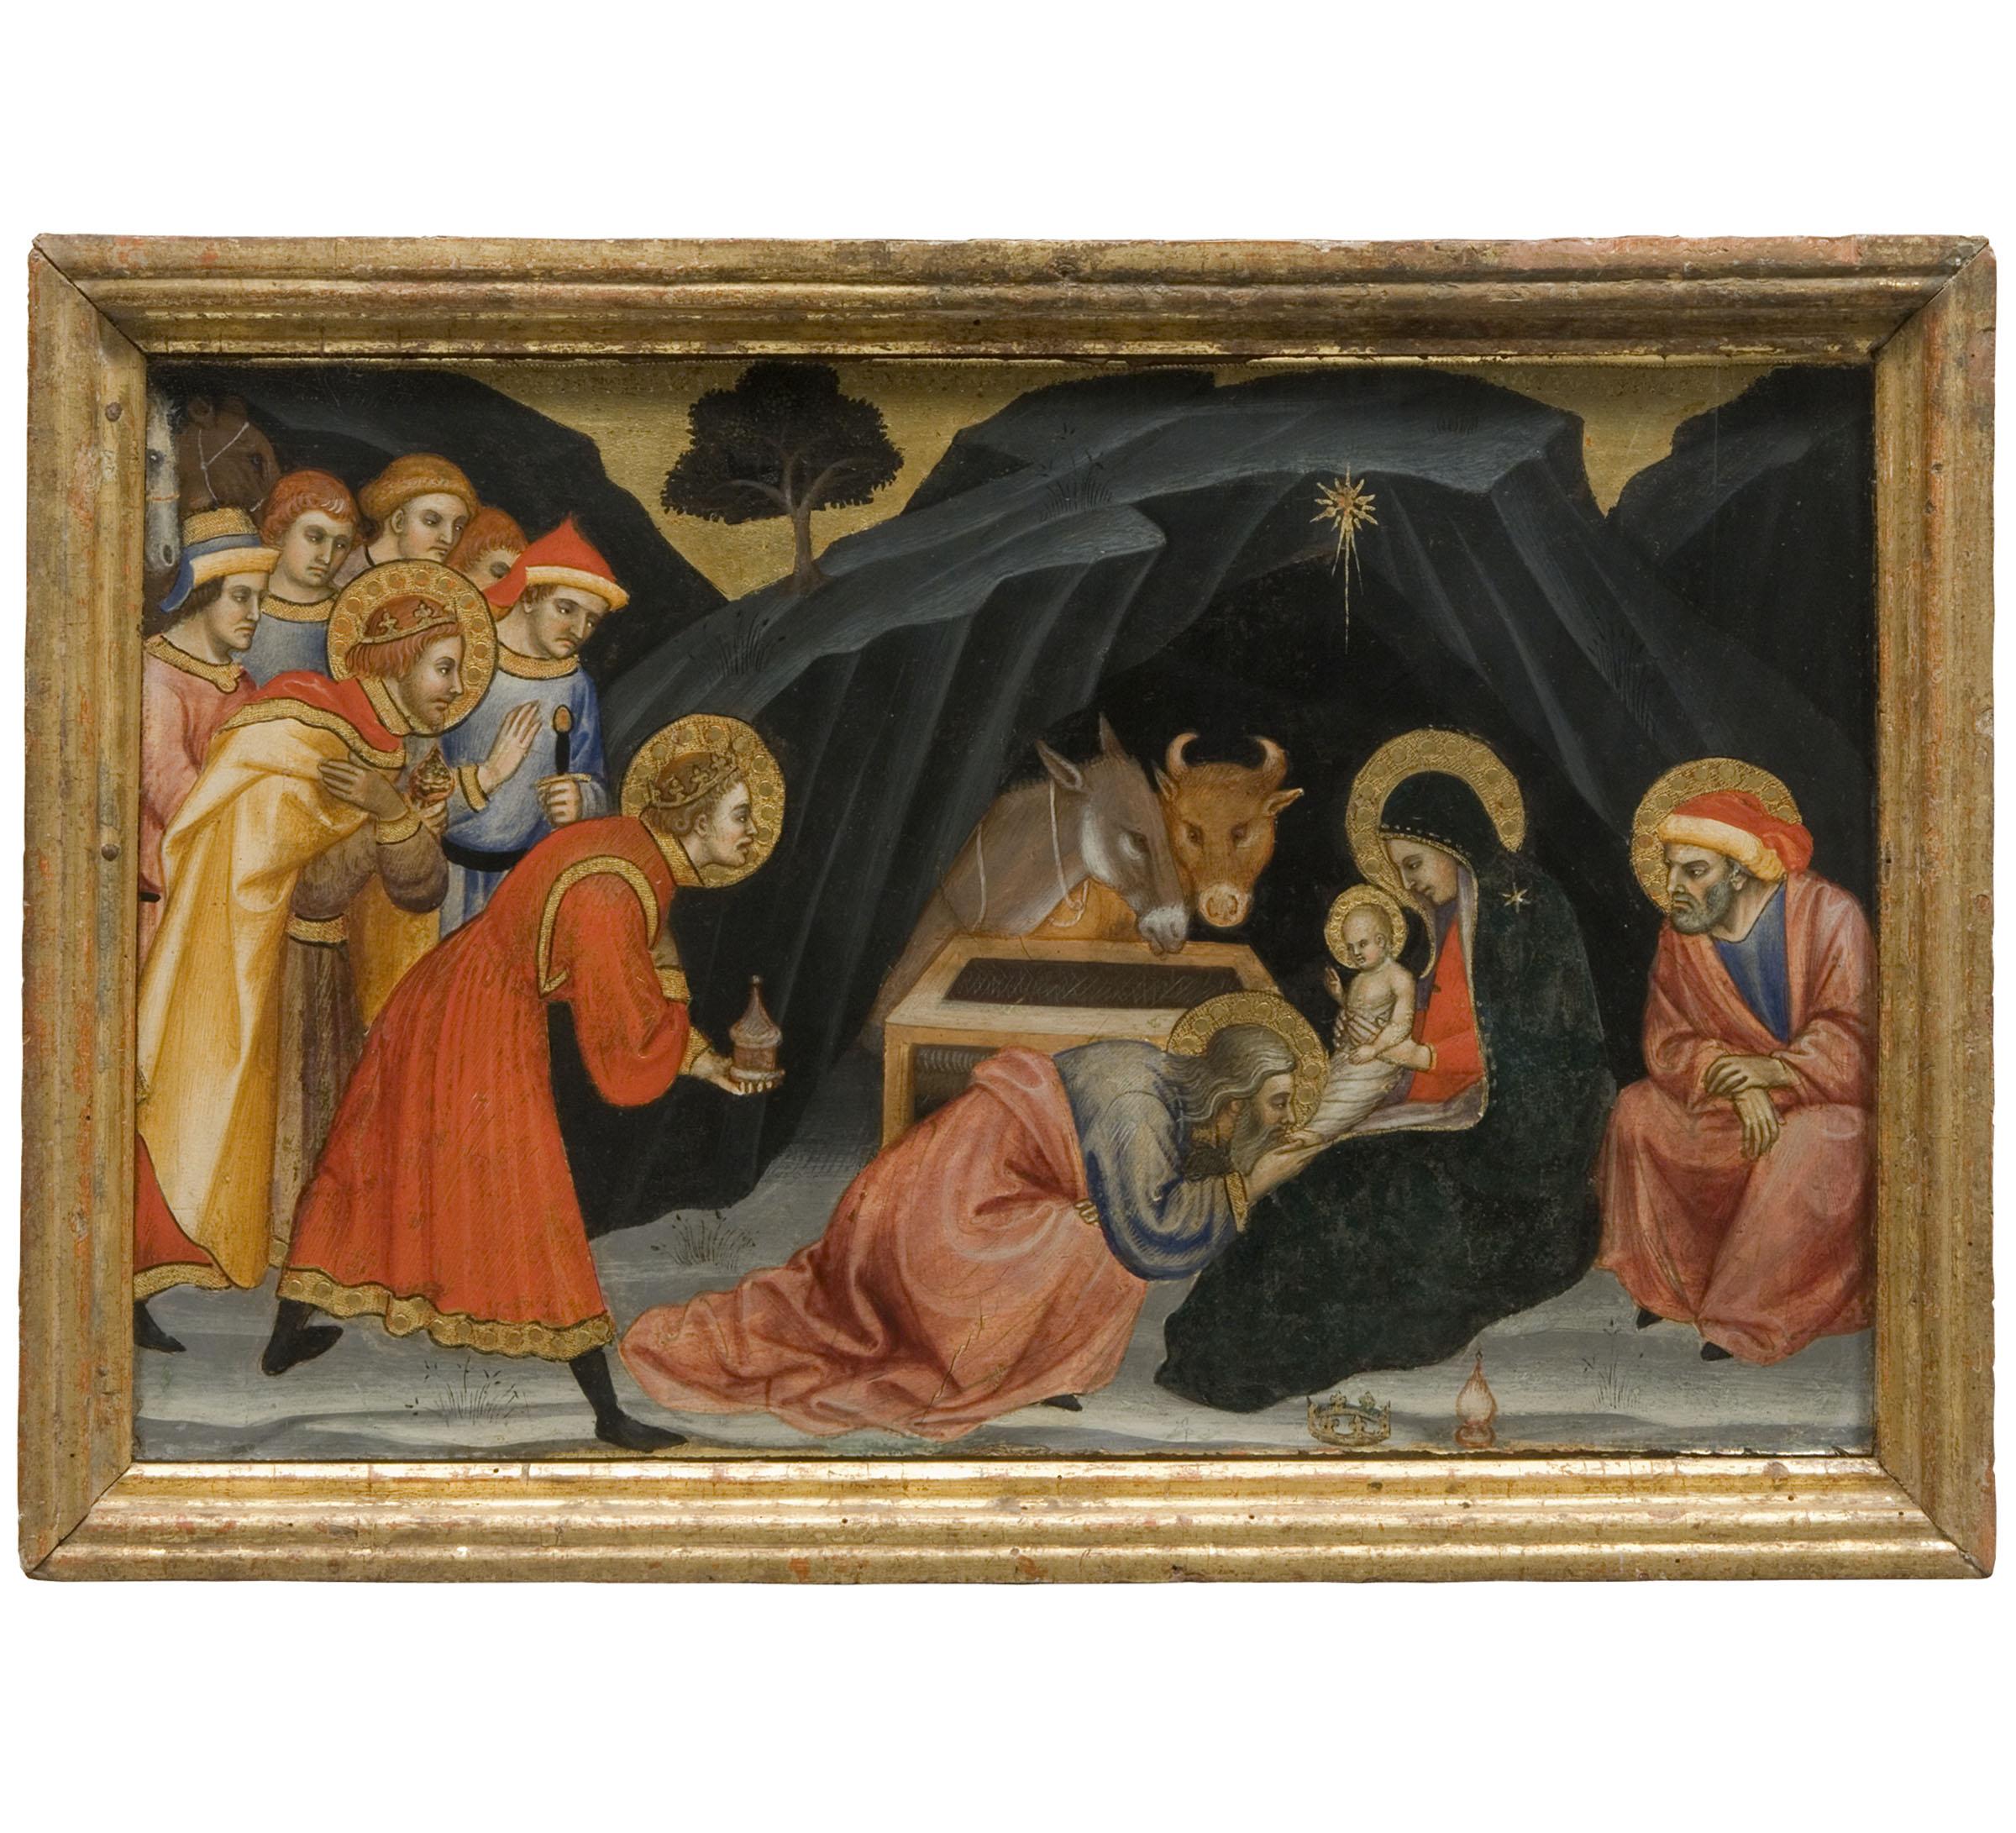 Polittici dal 1300: Taddeo di Bartolo al centro di una monografica a Perugia